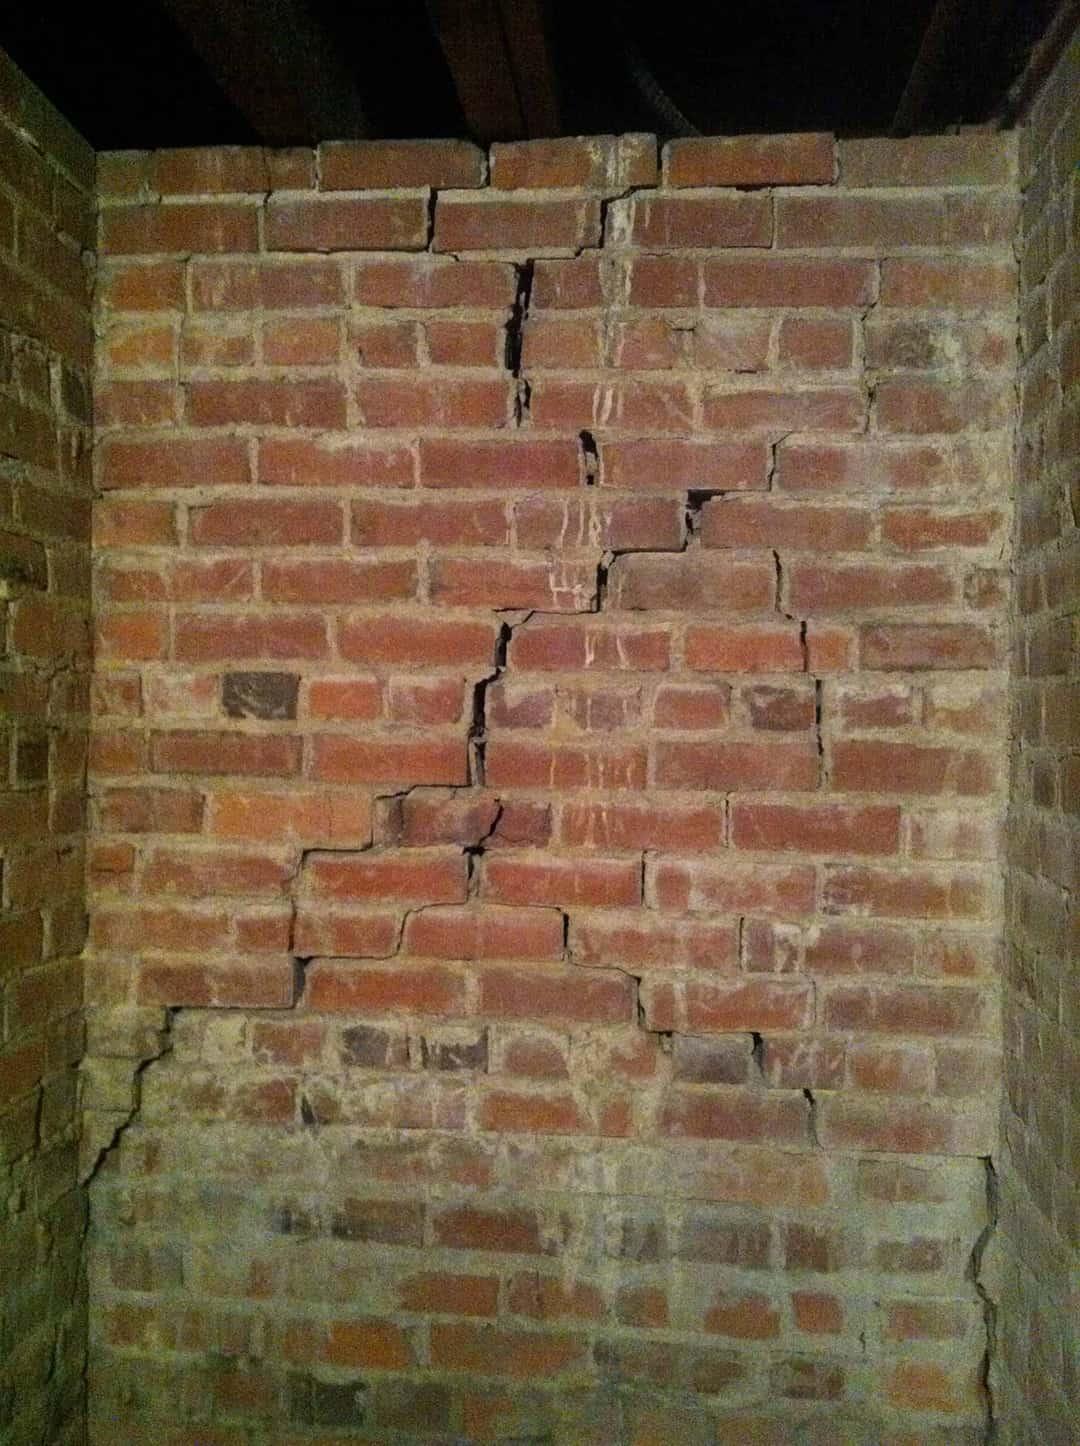 Basement Crack